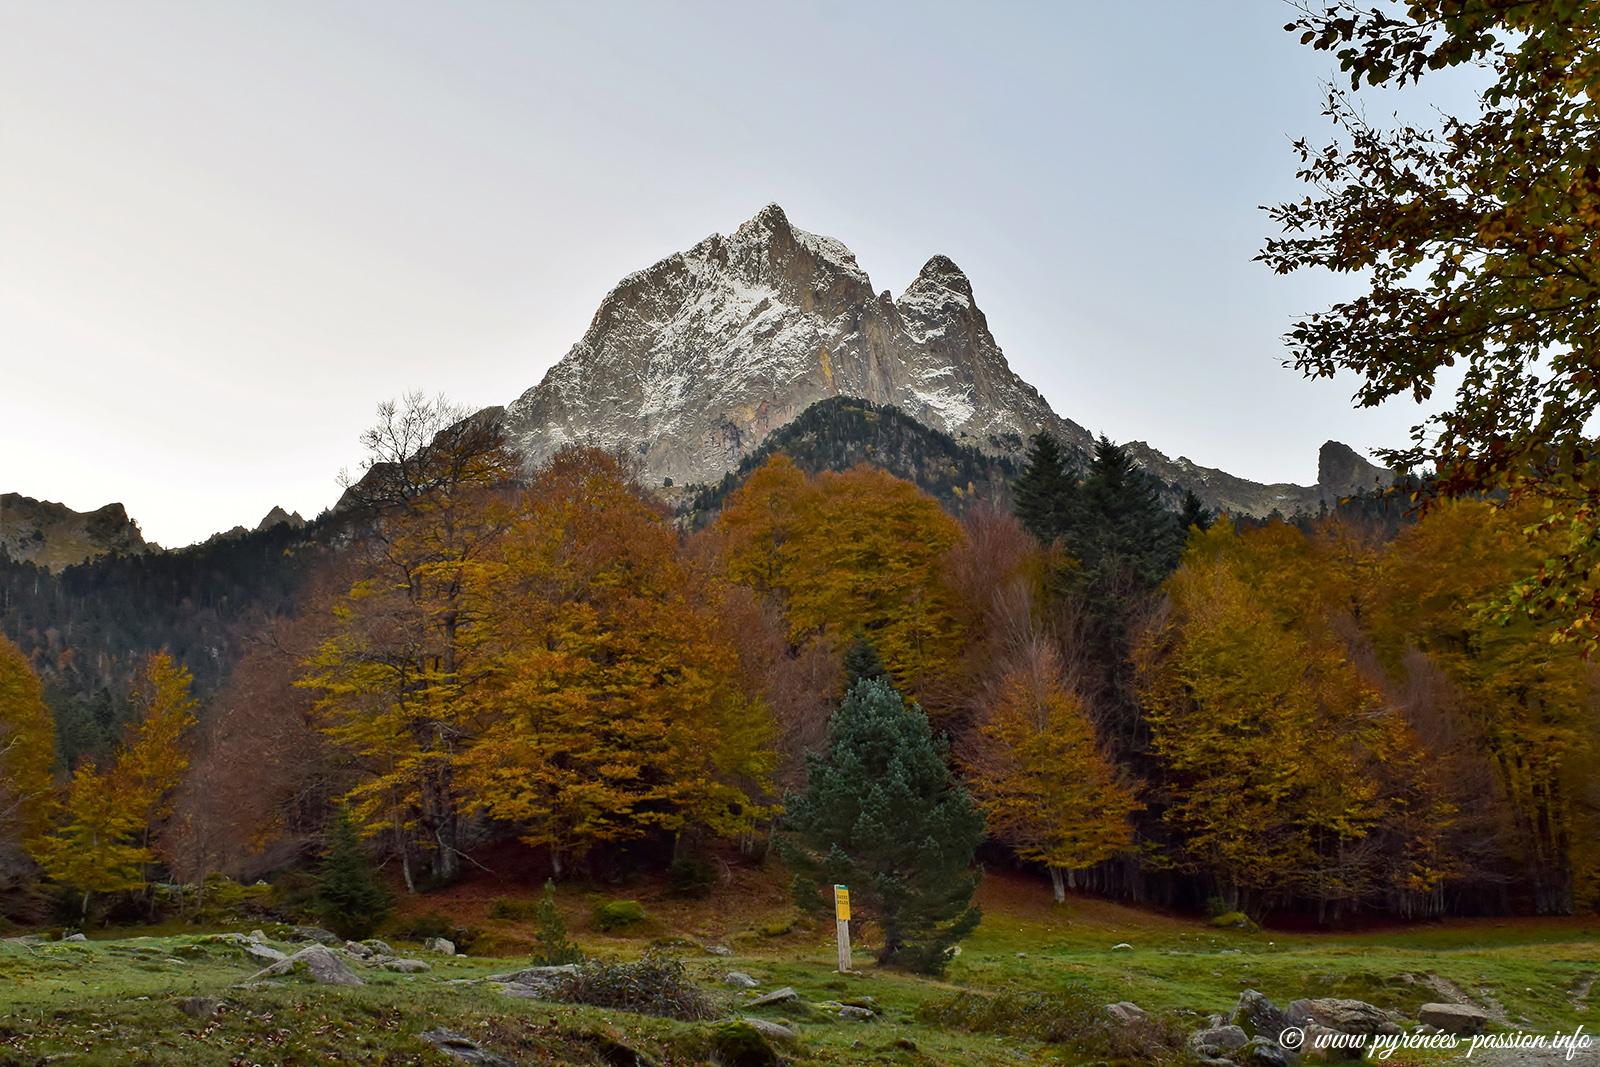 Le pic du Midi d'Ossau en automne